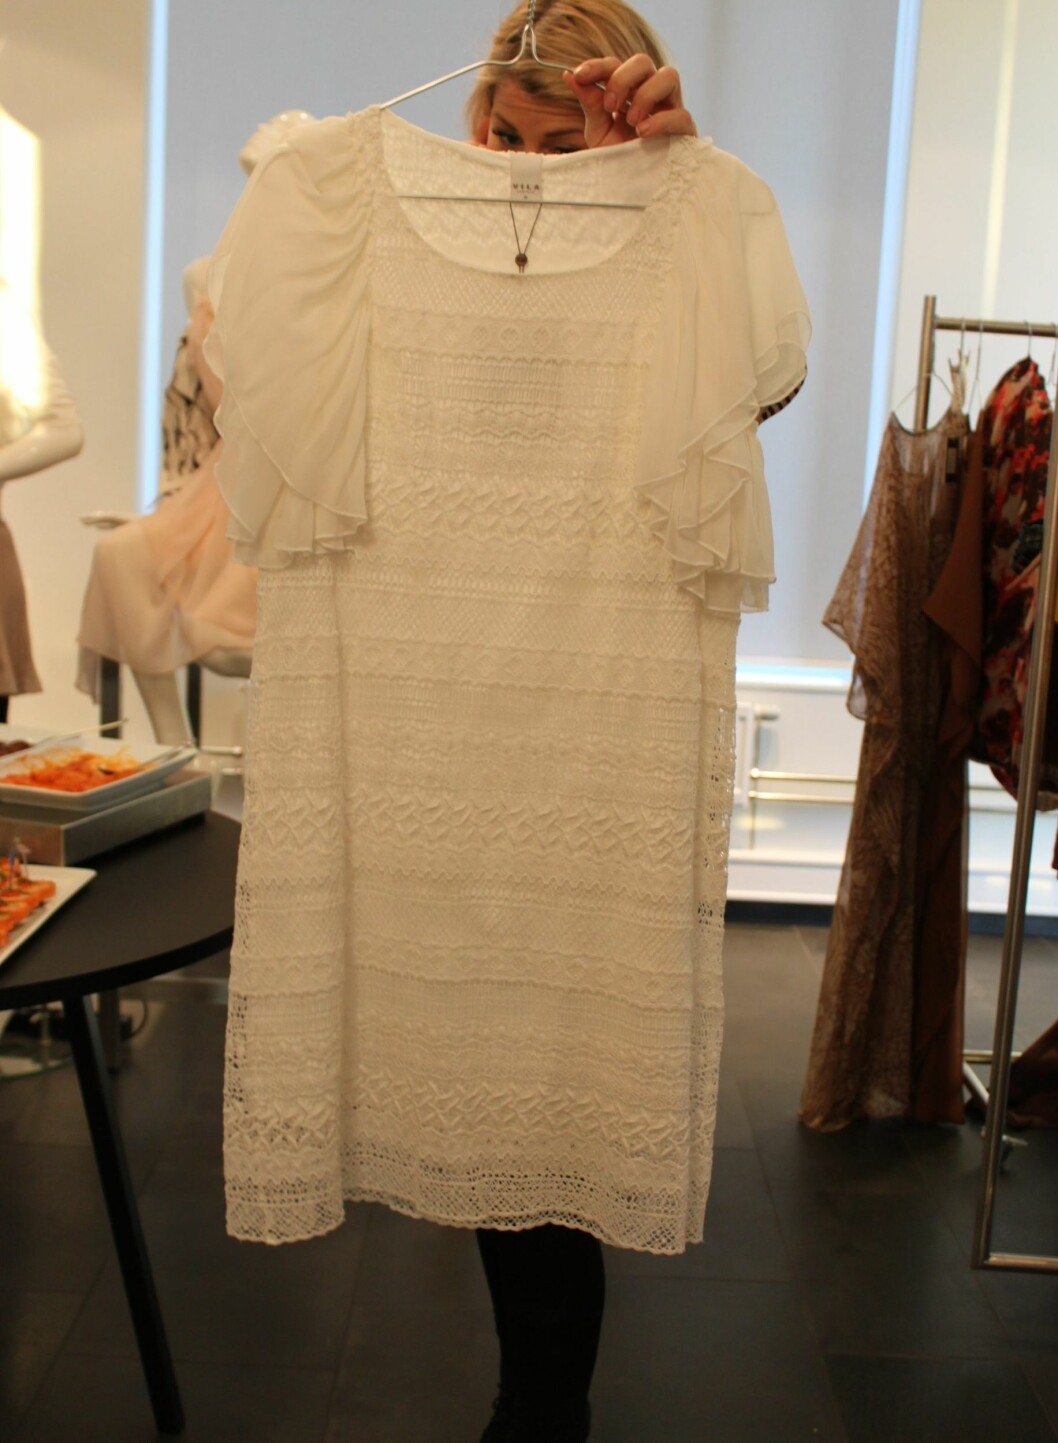 Hvit blondekjole. - Hvitt blir vårens og sommerens trendfarge, sier Kokkim. Foto: Aina Kristiansen